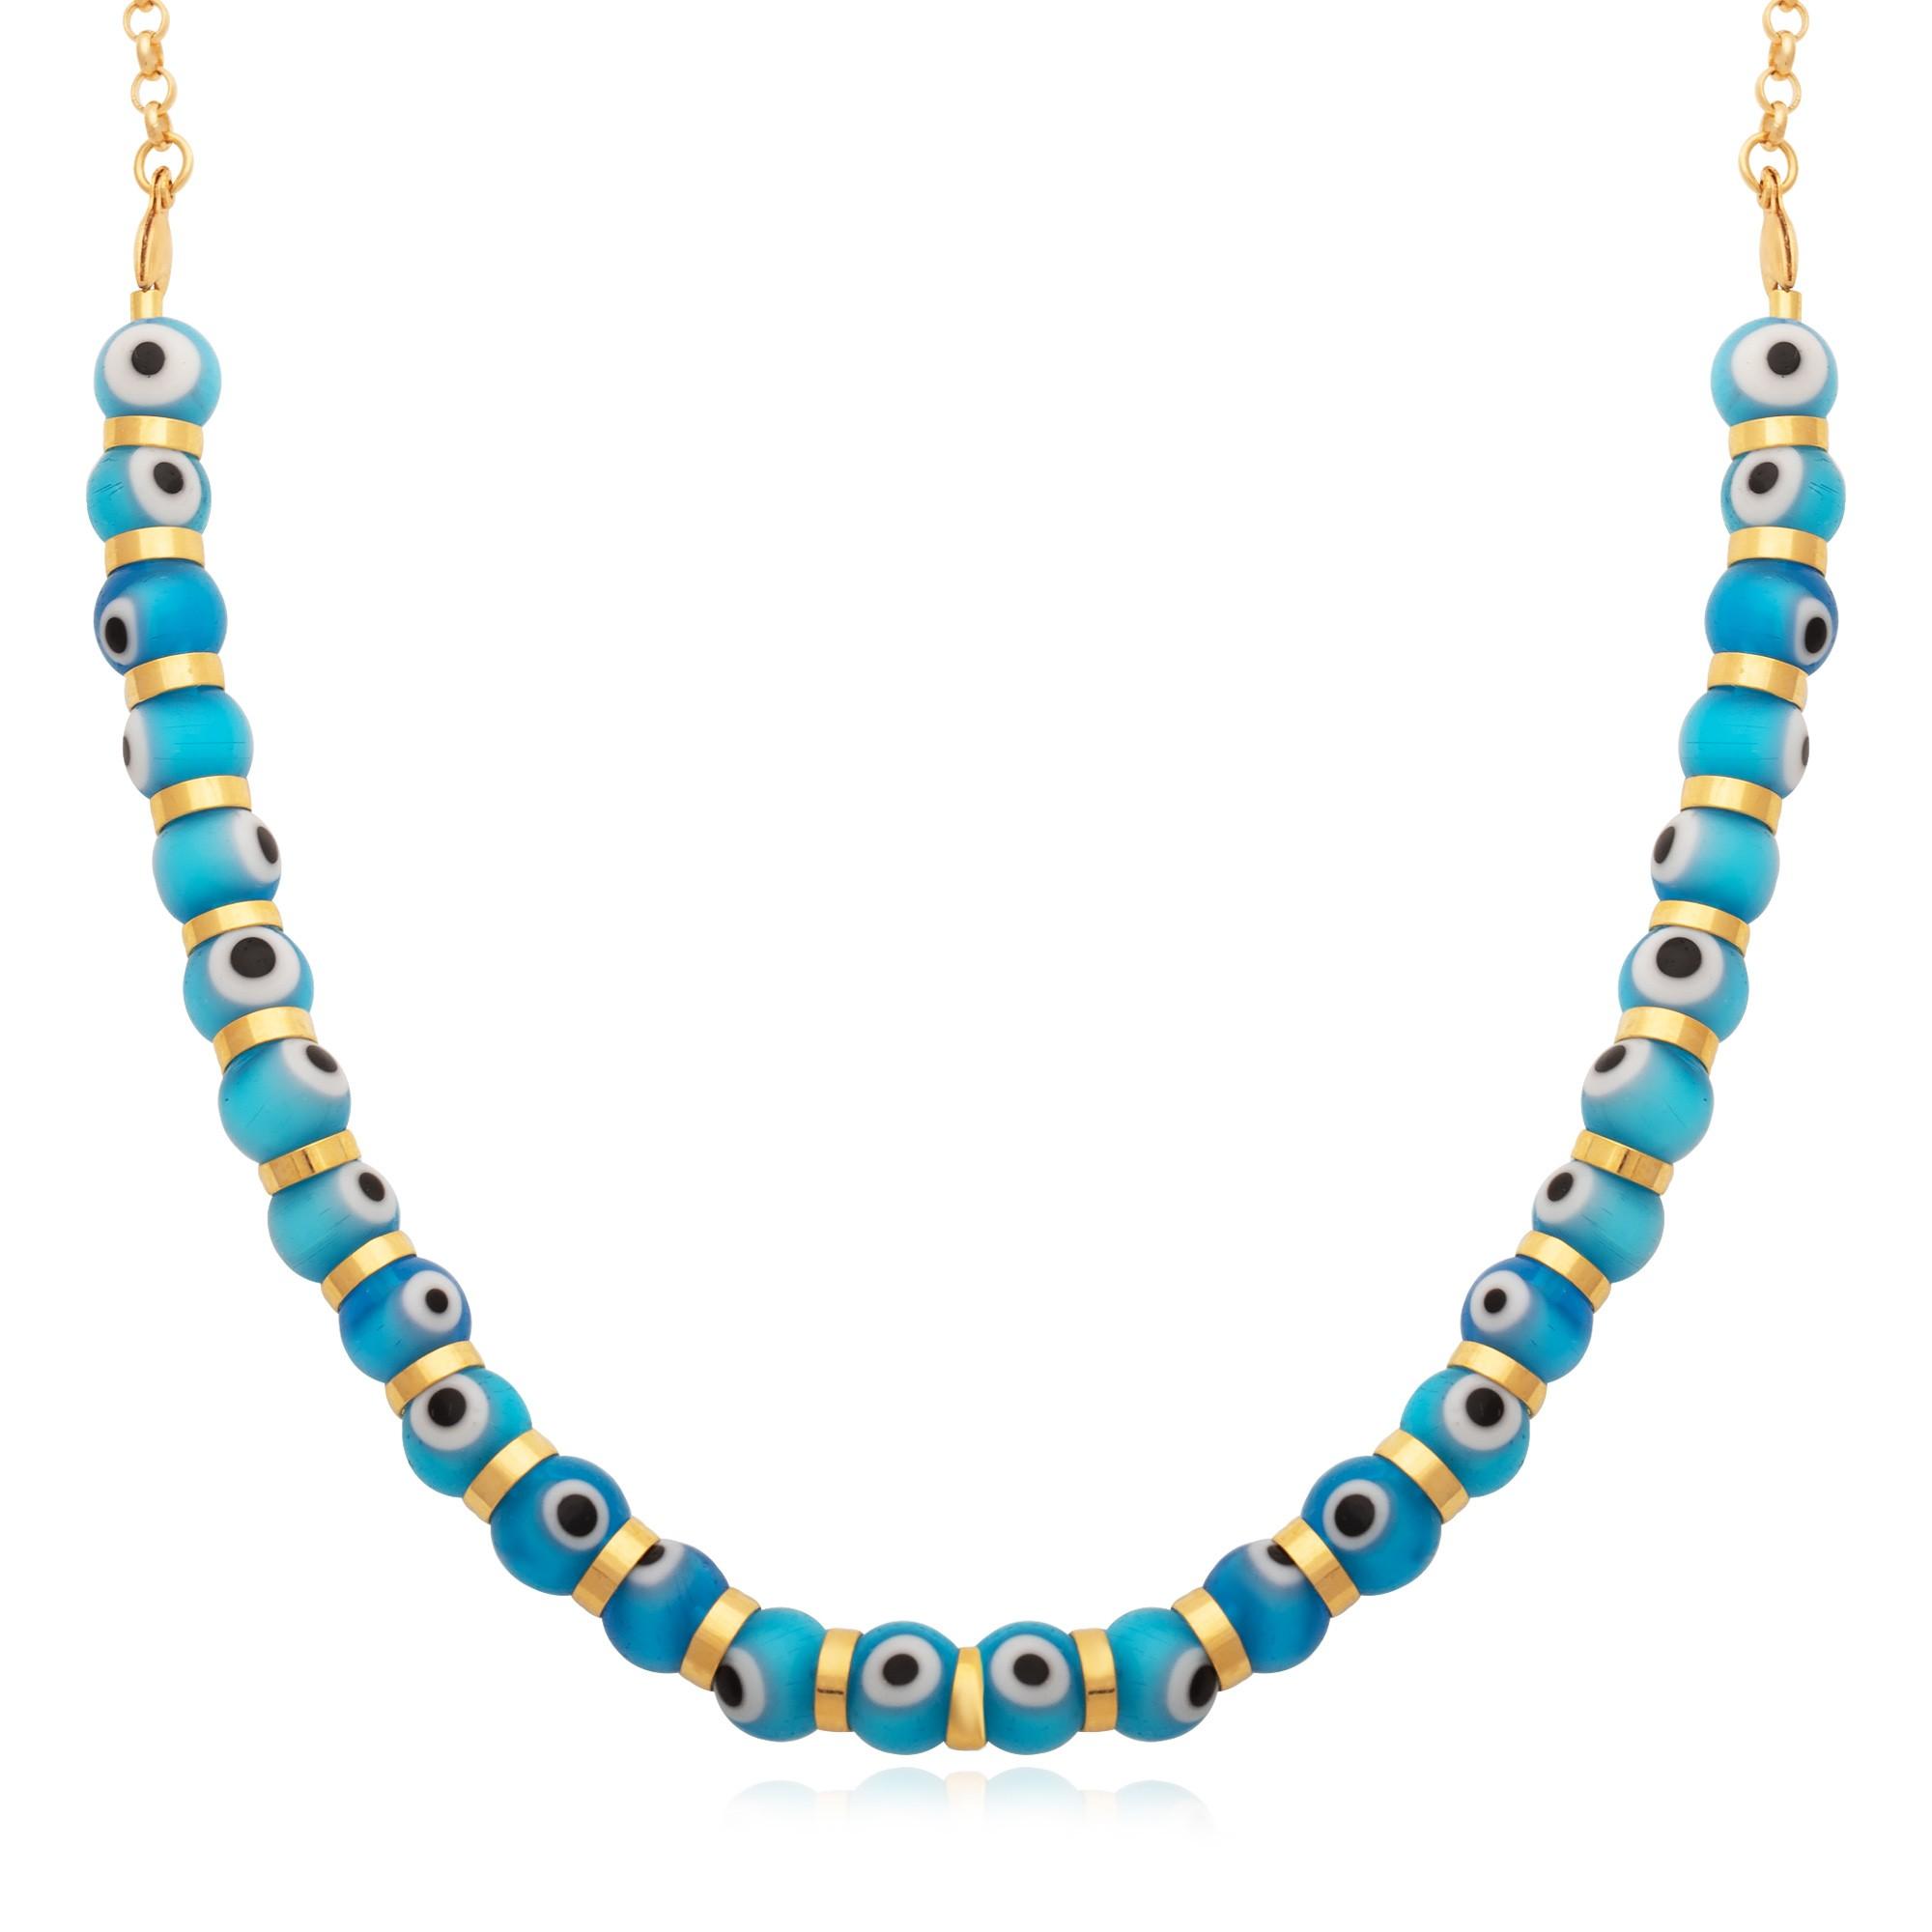 Colar olho grego azul com corrente banhado á ouro 18k.  - romabrazil.com.br